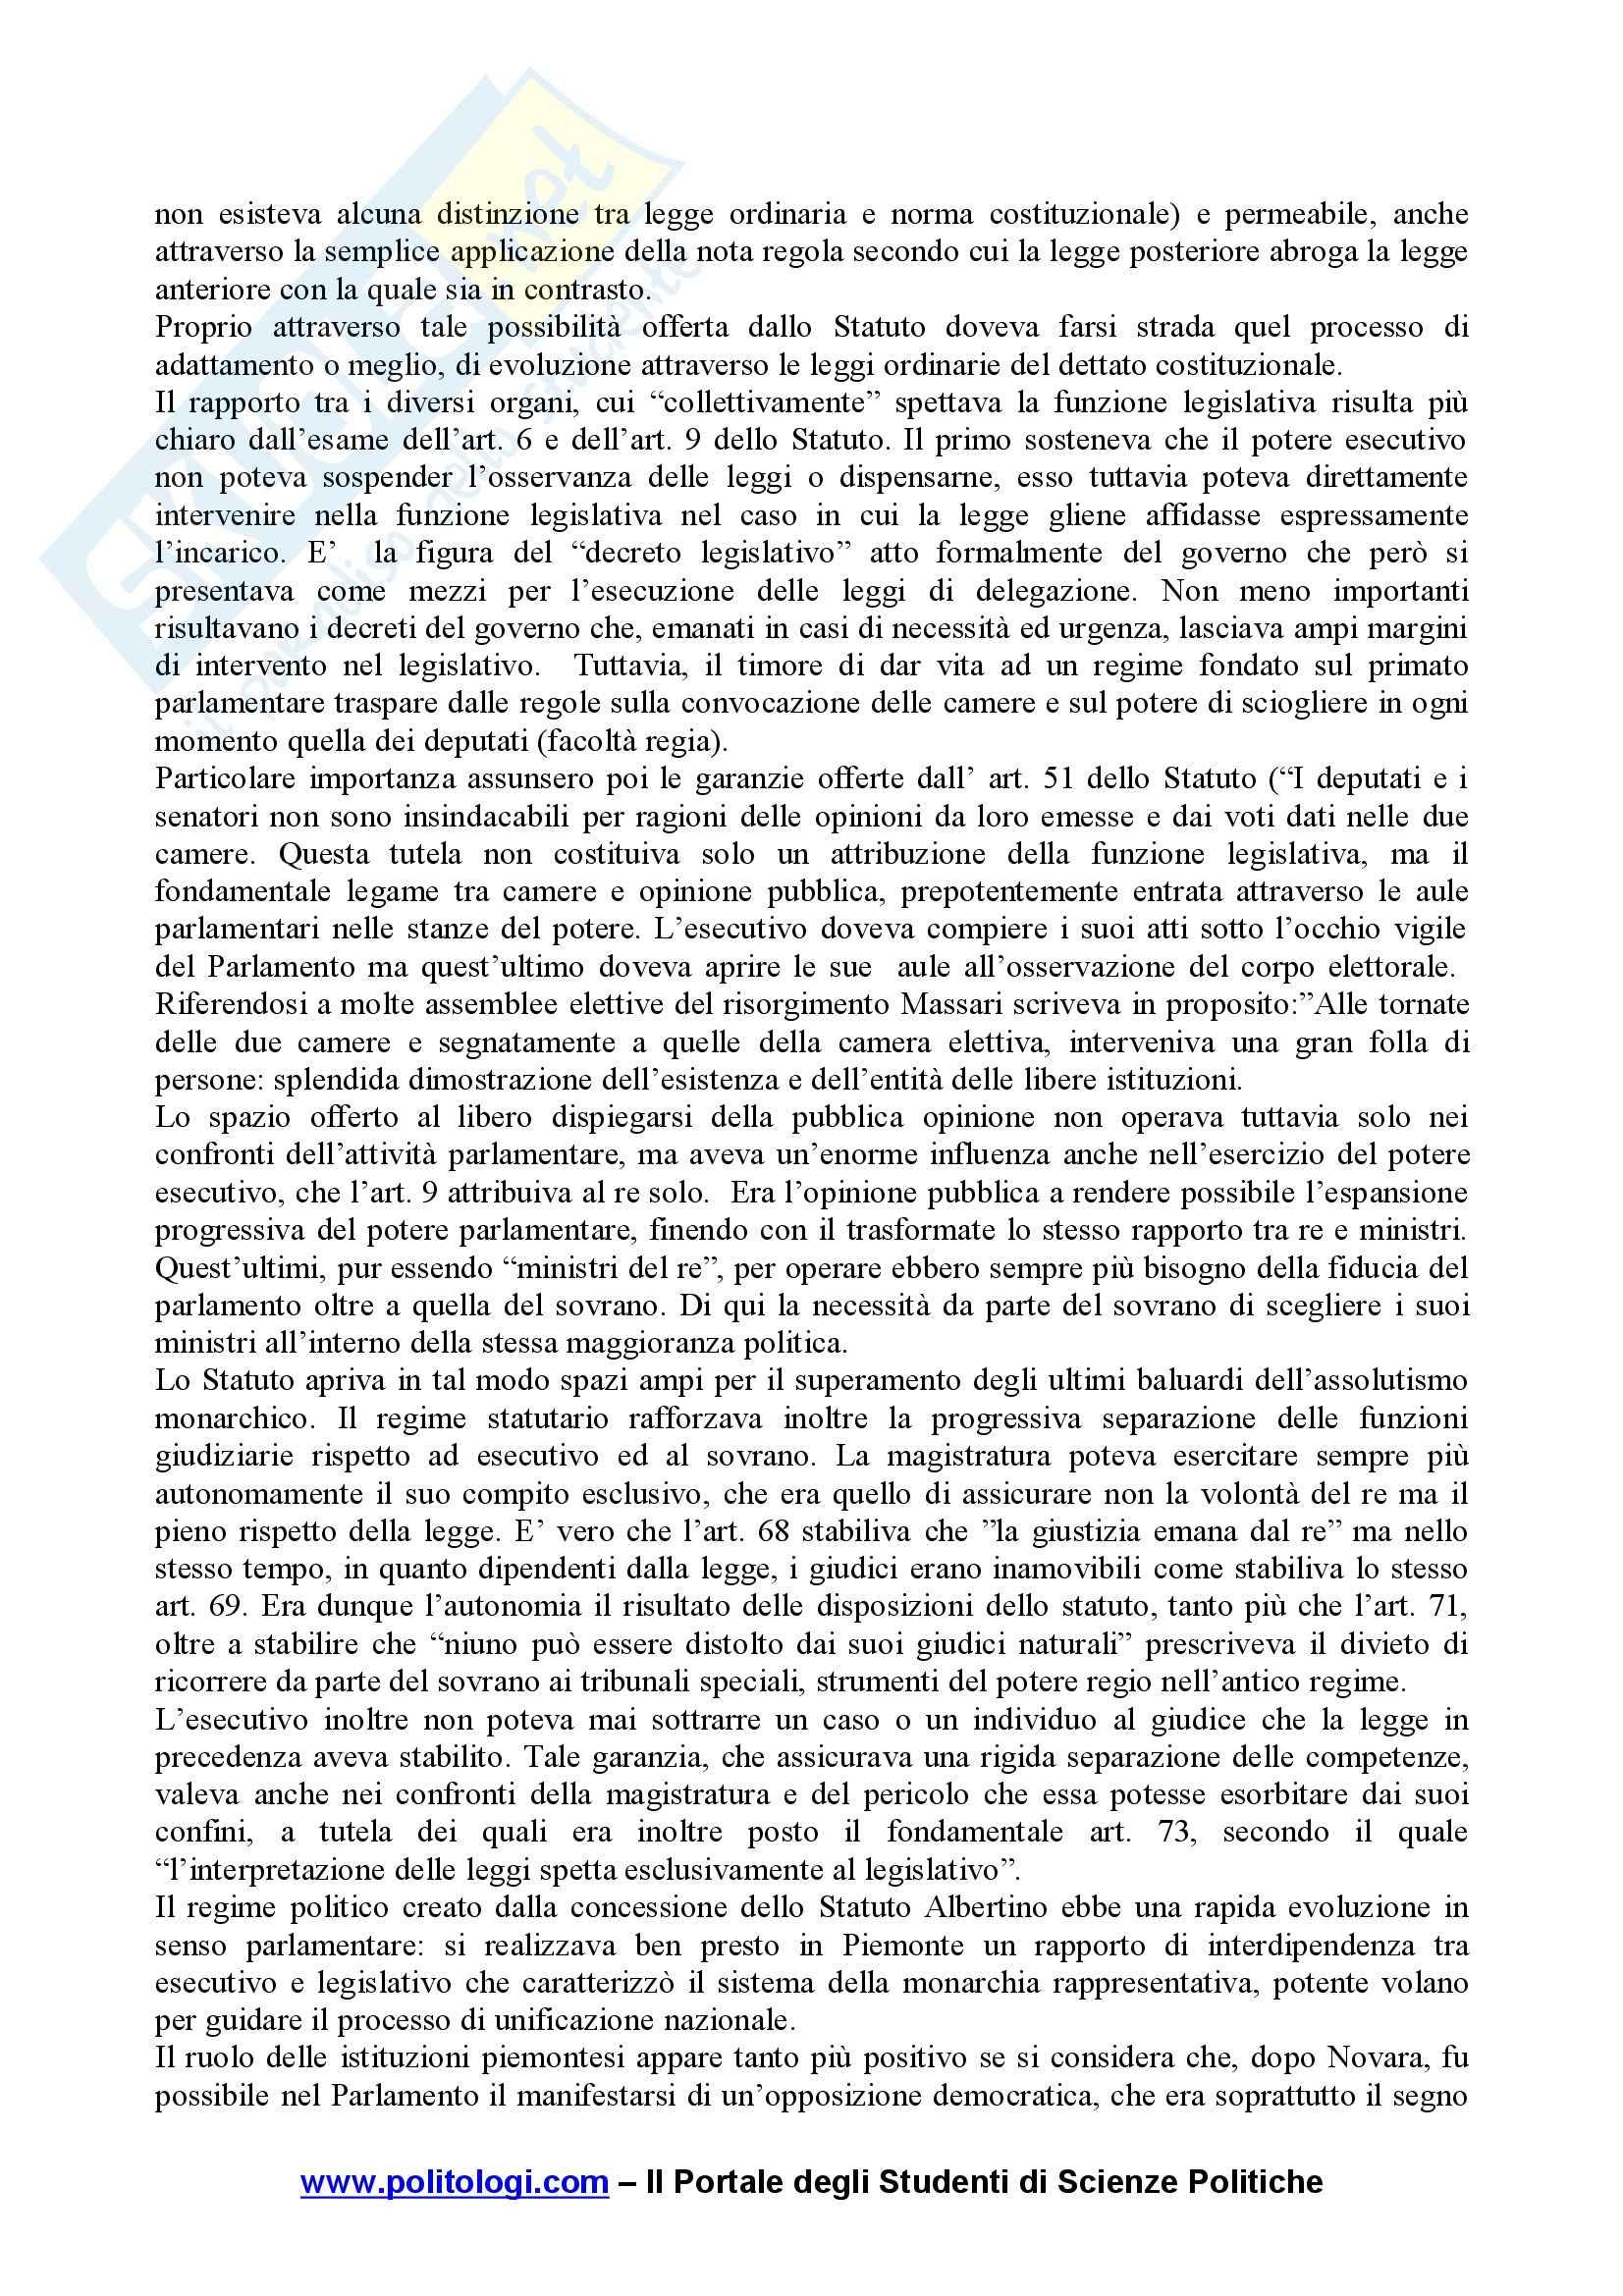 Storia contemporanea Pag. 36